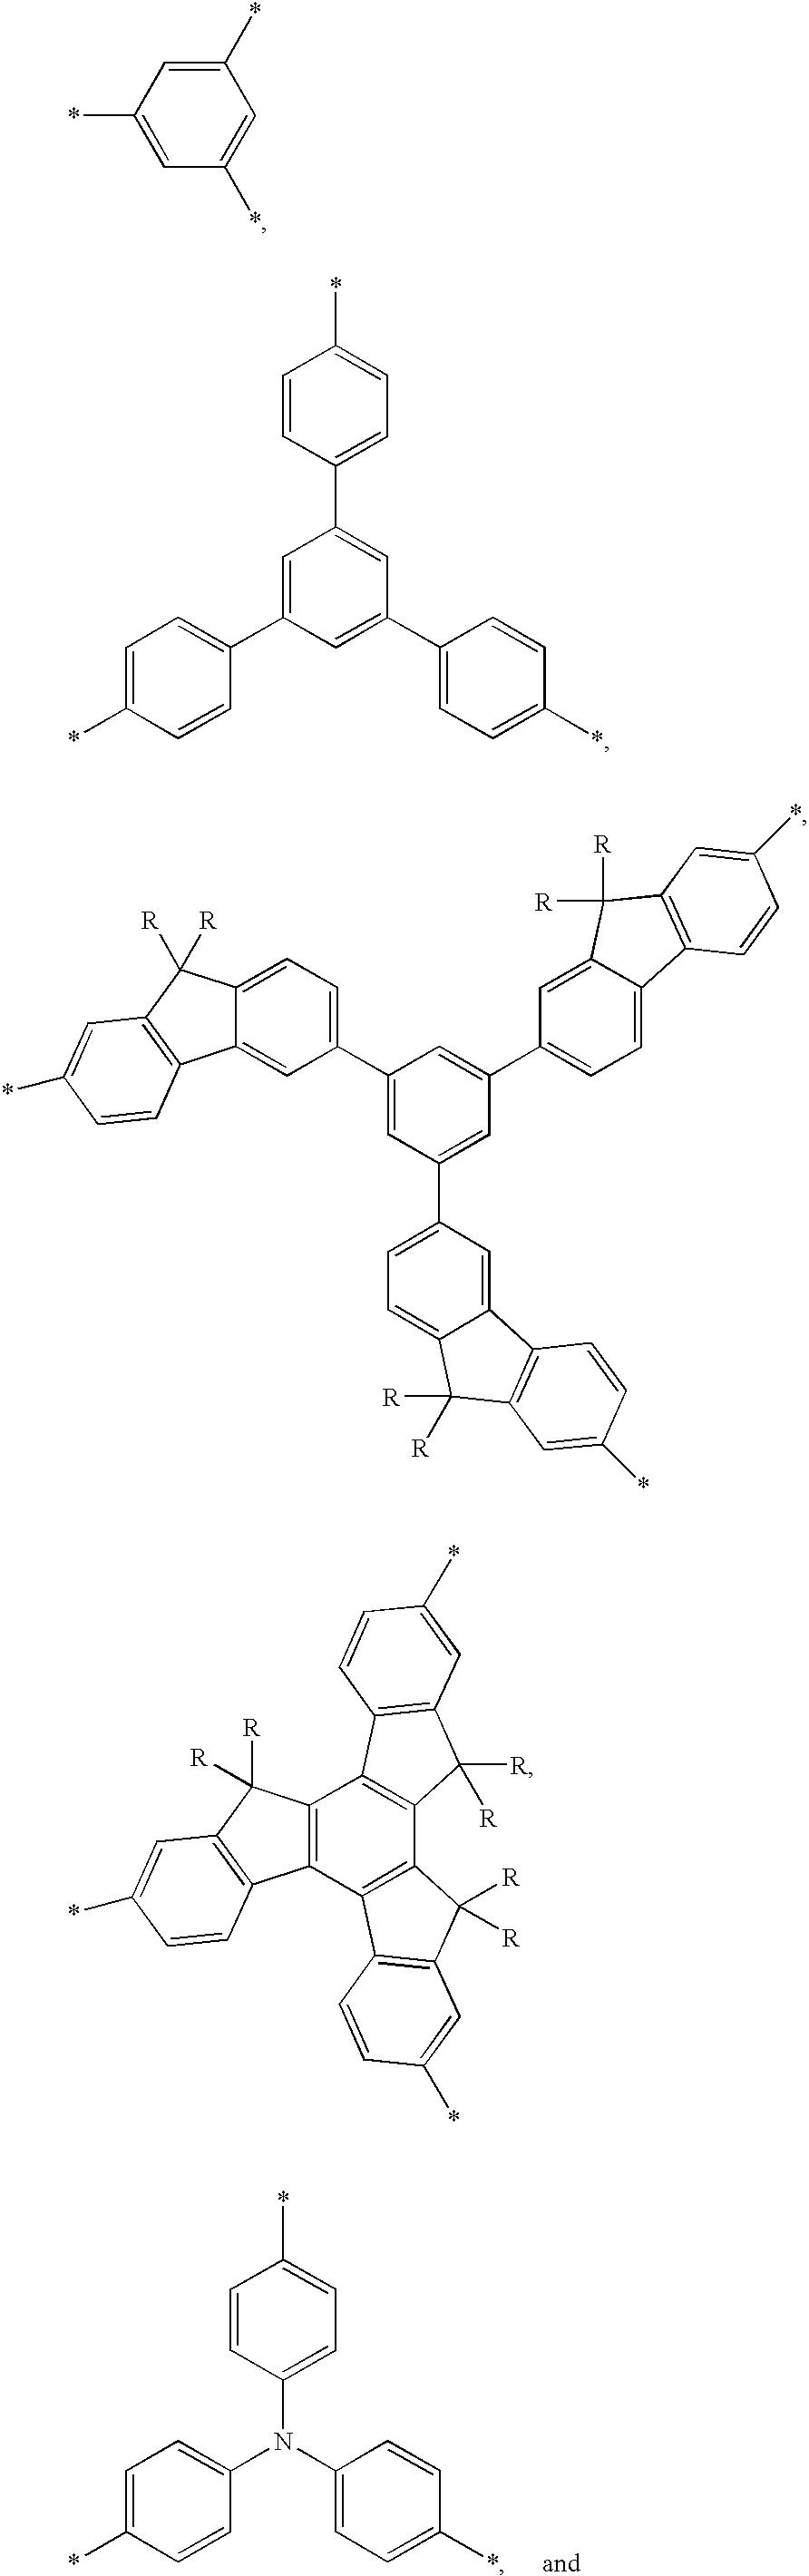 Figure US20070107835A1-20070517-C00083